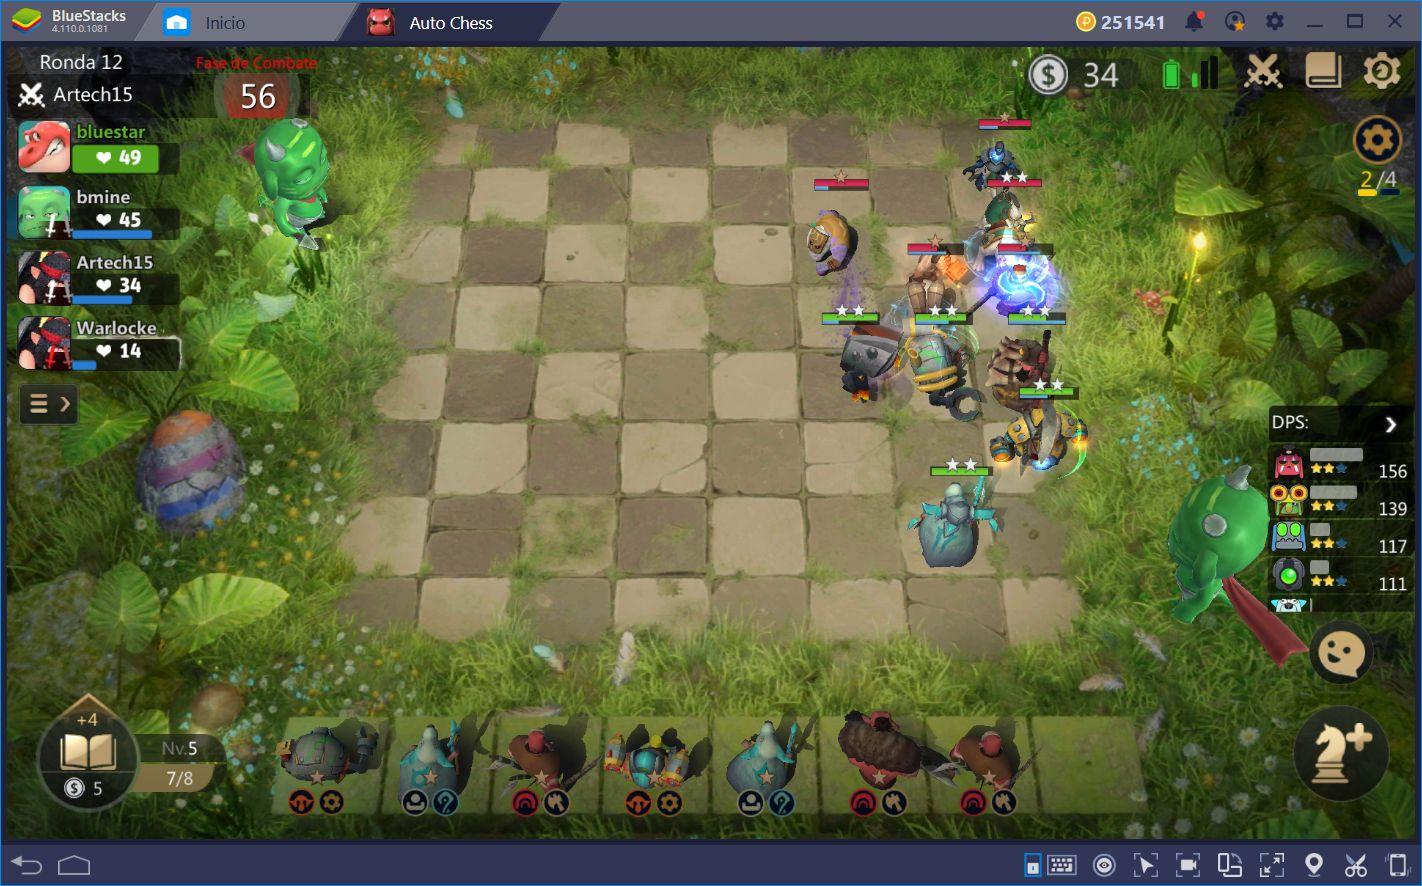 Cómo Grabar tus Mejores Momentos de Juego con BlueStacks